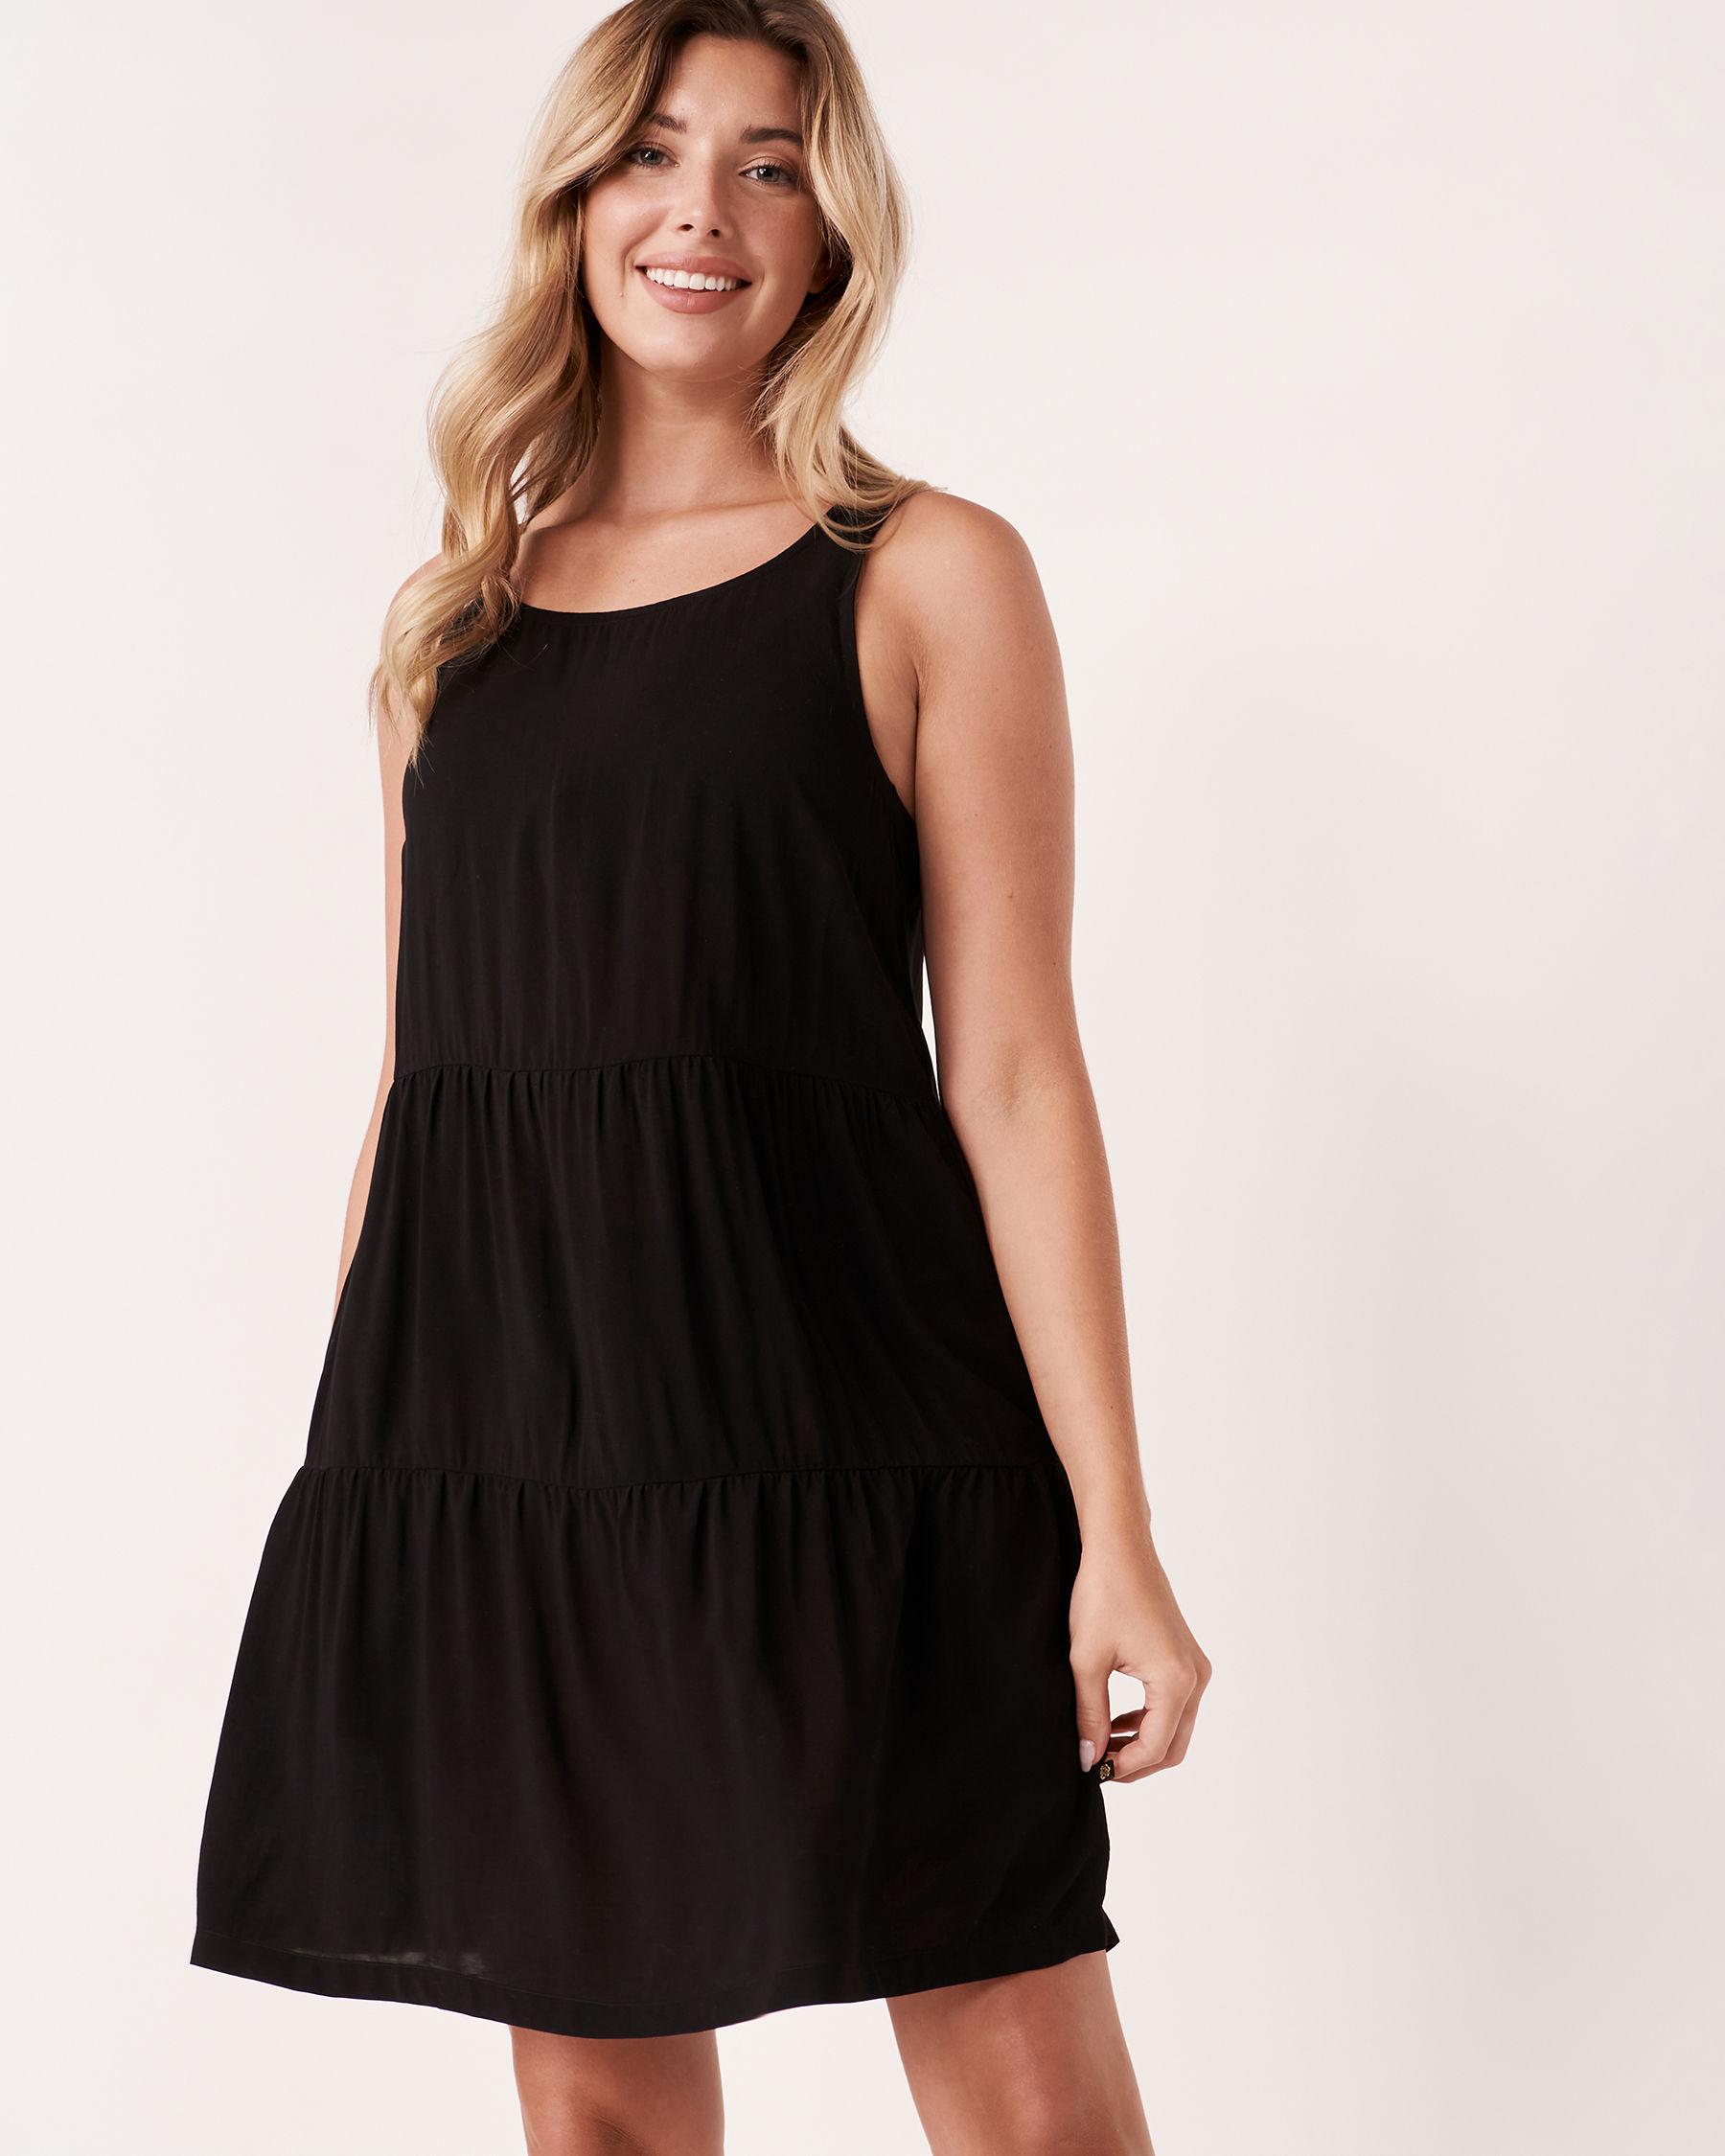 LA VIE EN ROSE AQUA Short Layered Dress Black 80300015 - View1